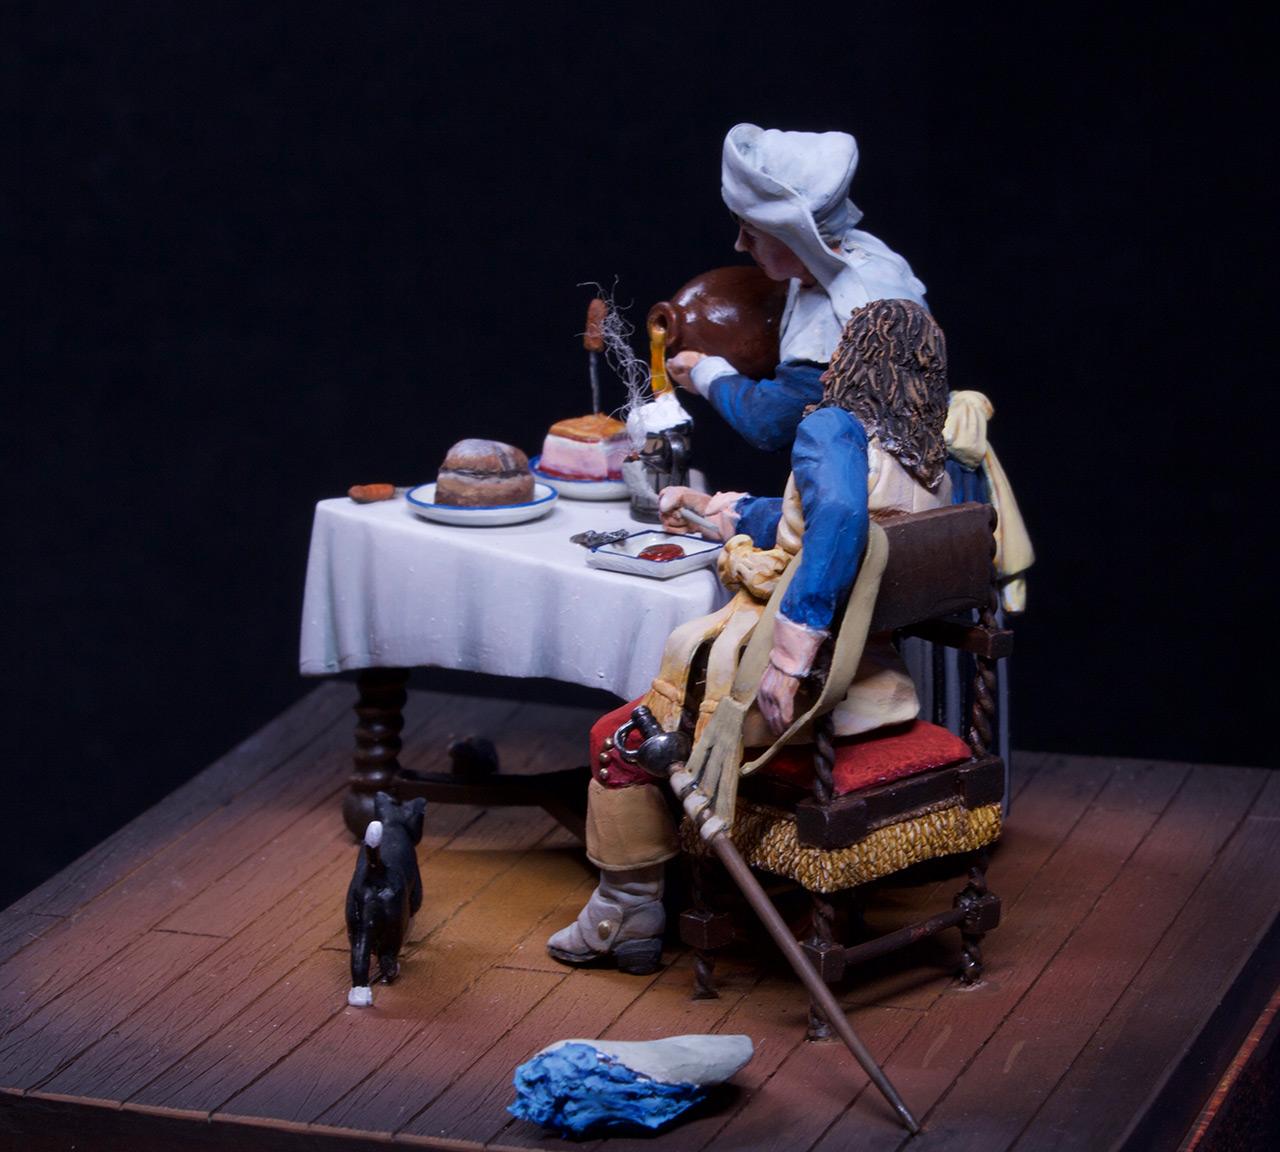 Диорамы и виньетки: Горничная и кавалер за столом, фото #14